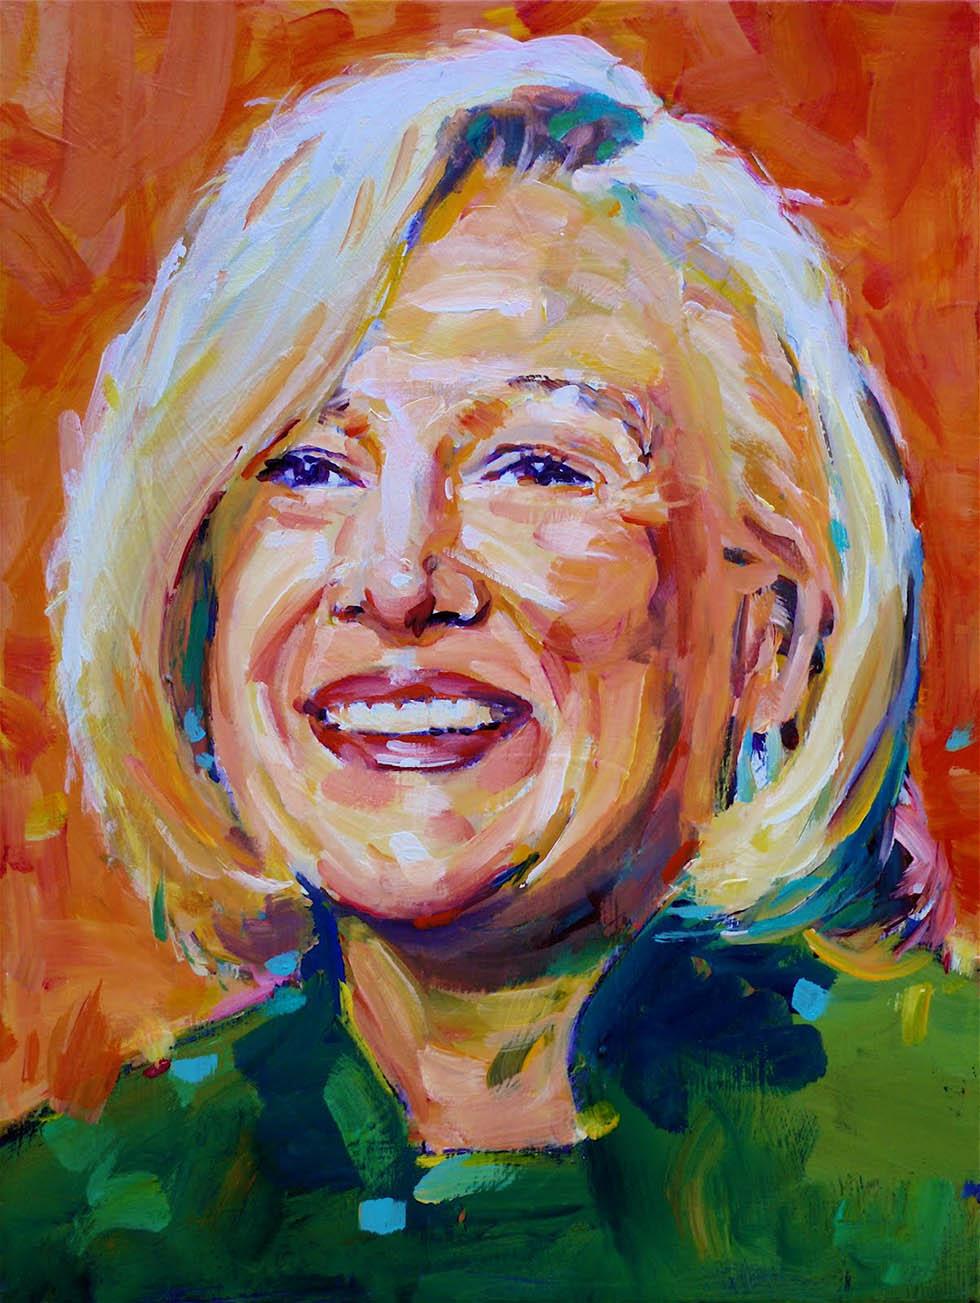 30 lady potrait paintings